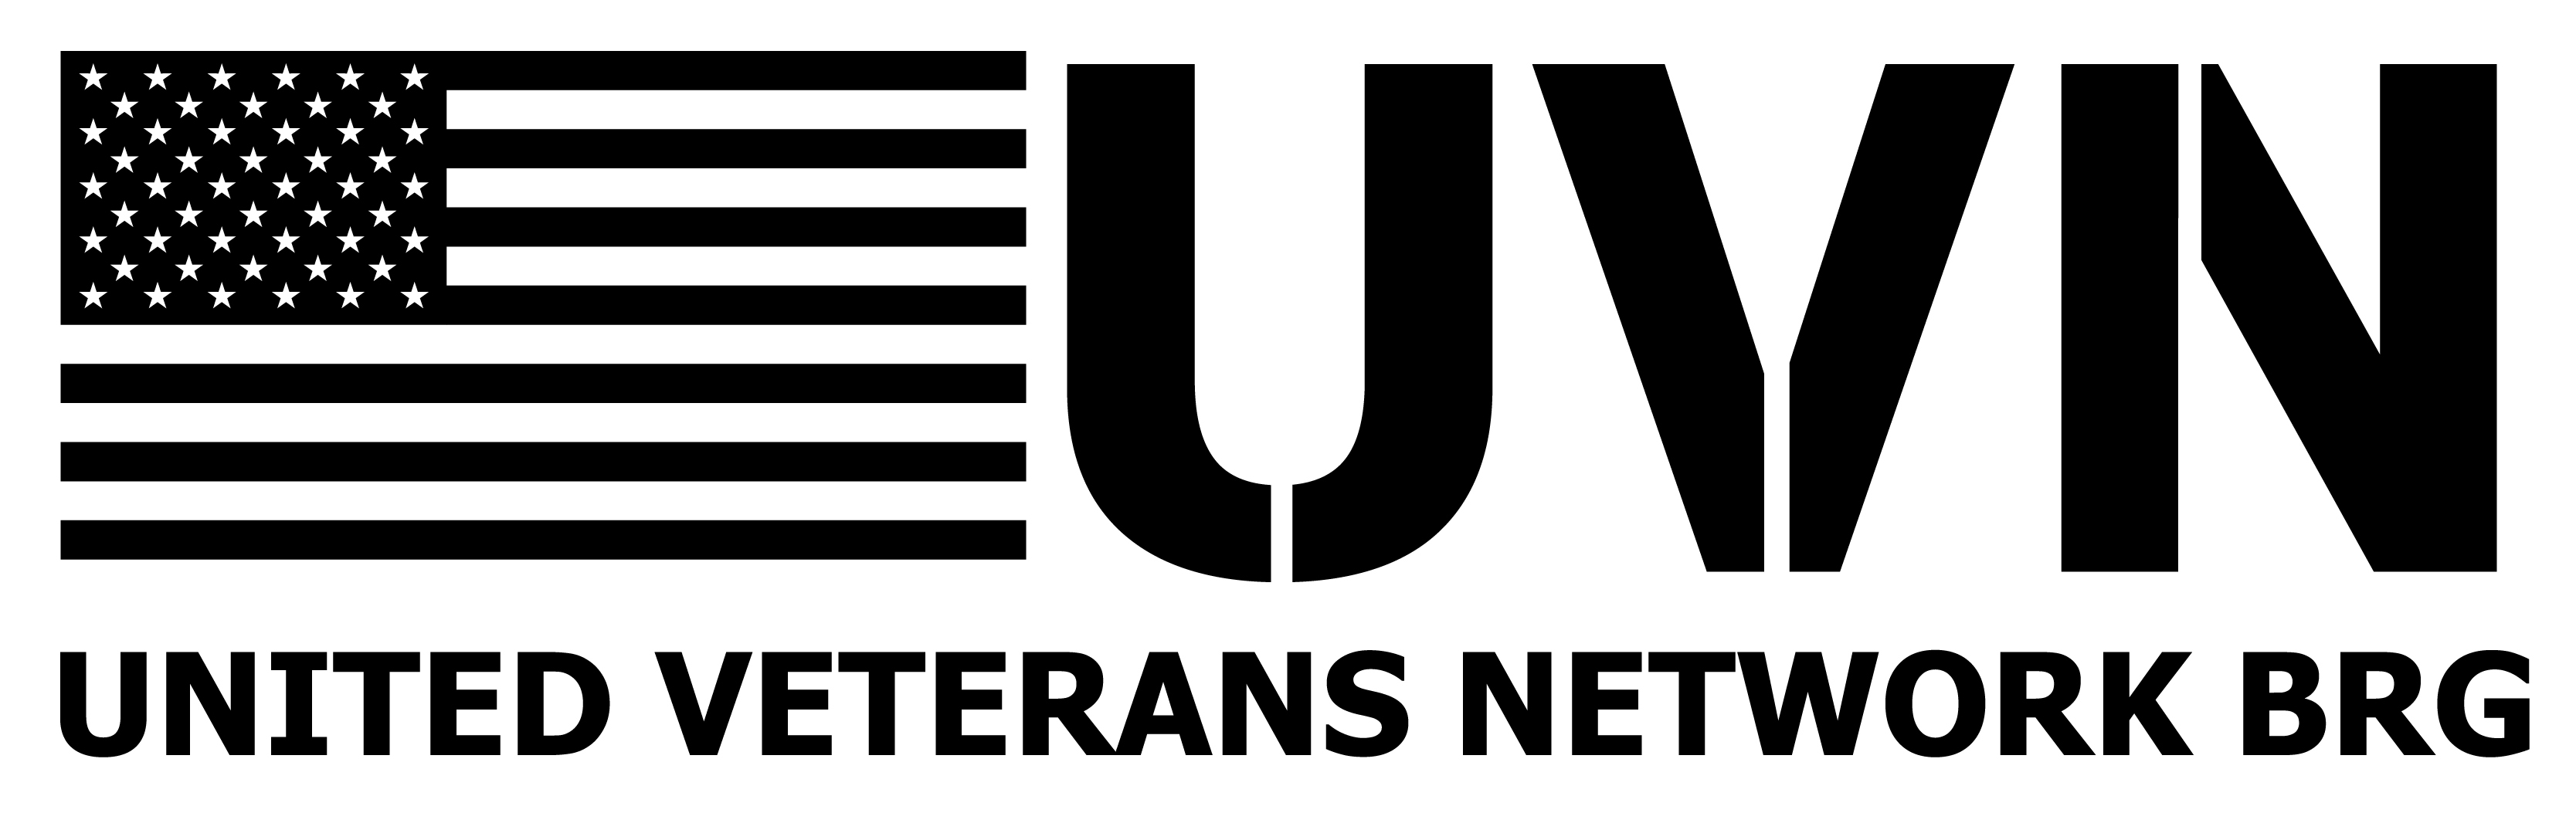 United veterans network